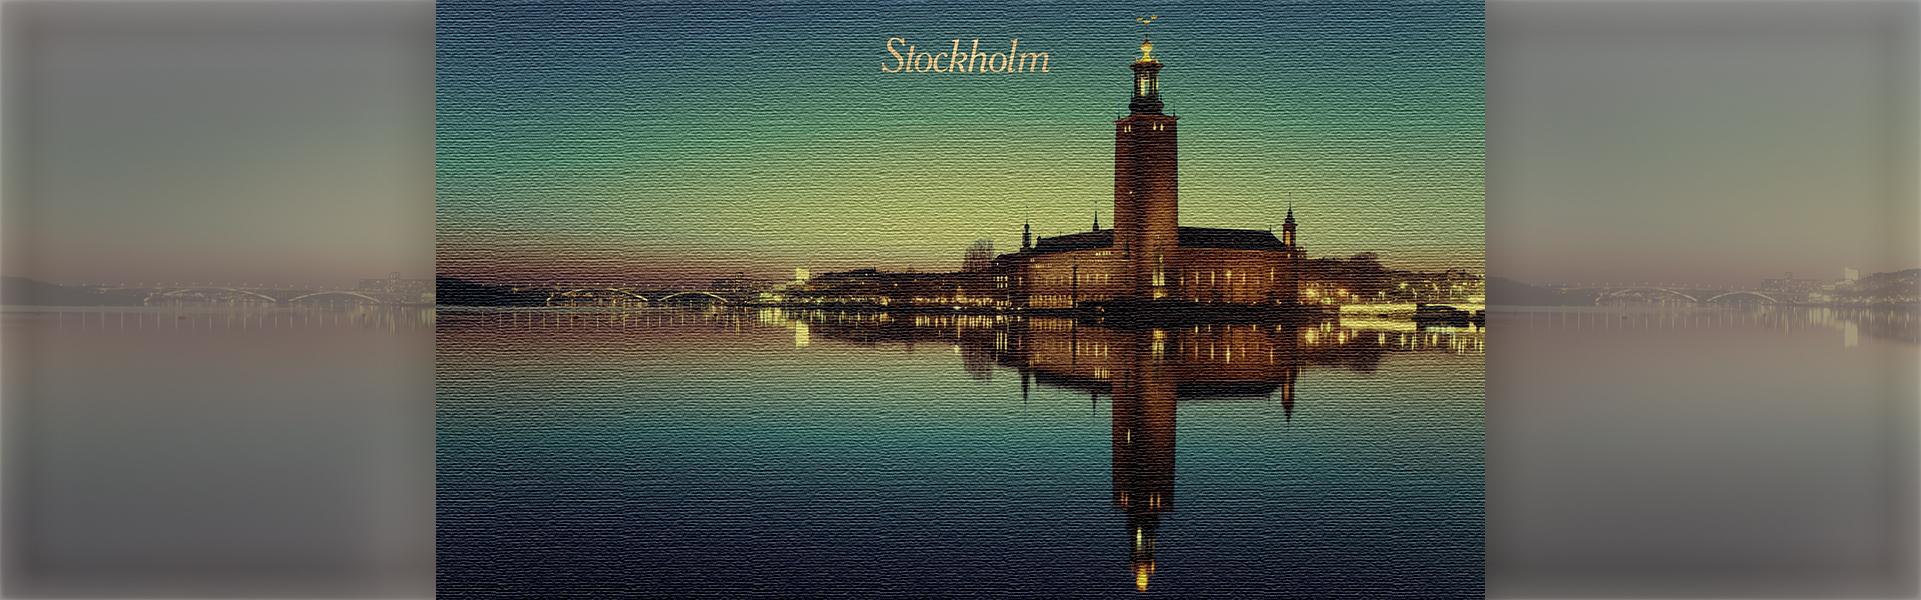 Stockholm 2 слайдер